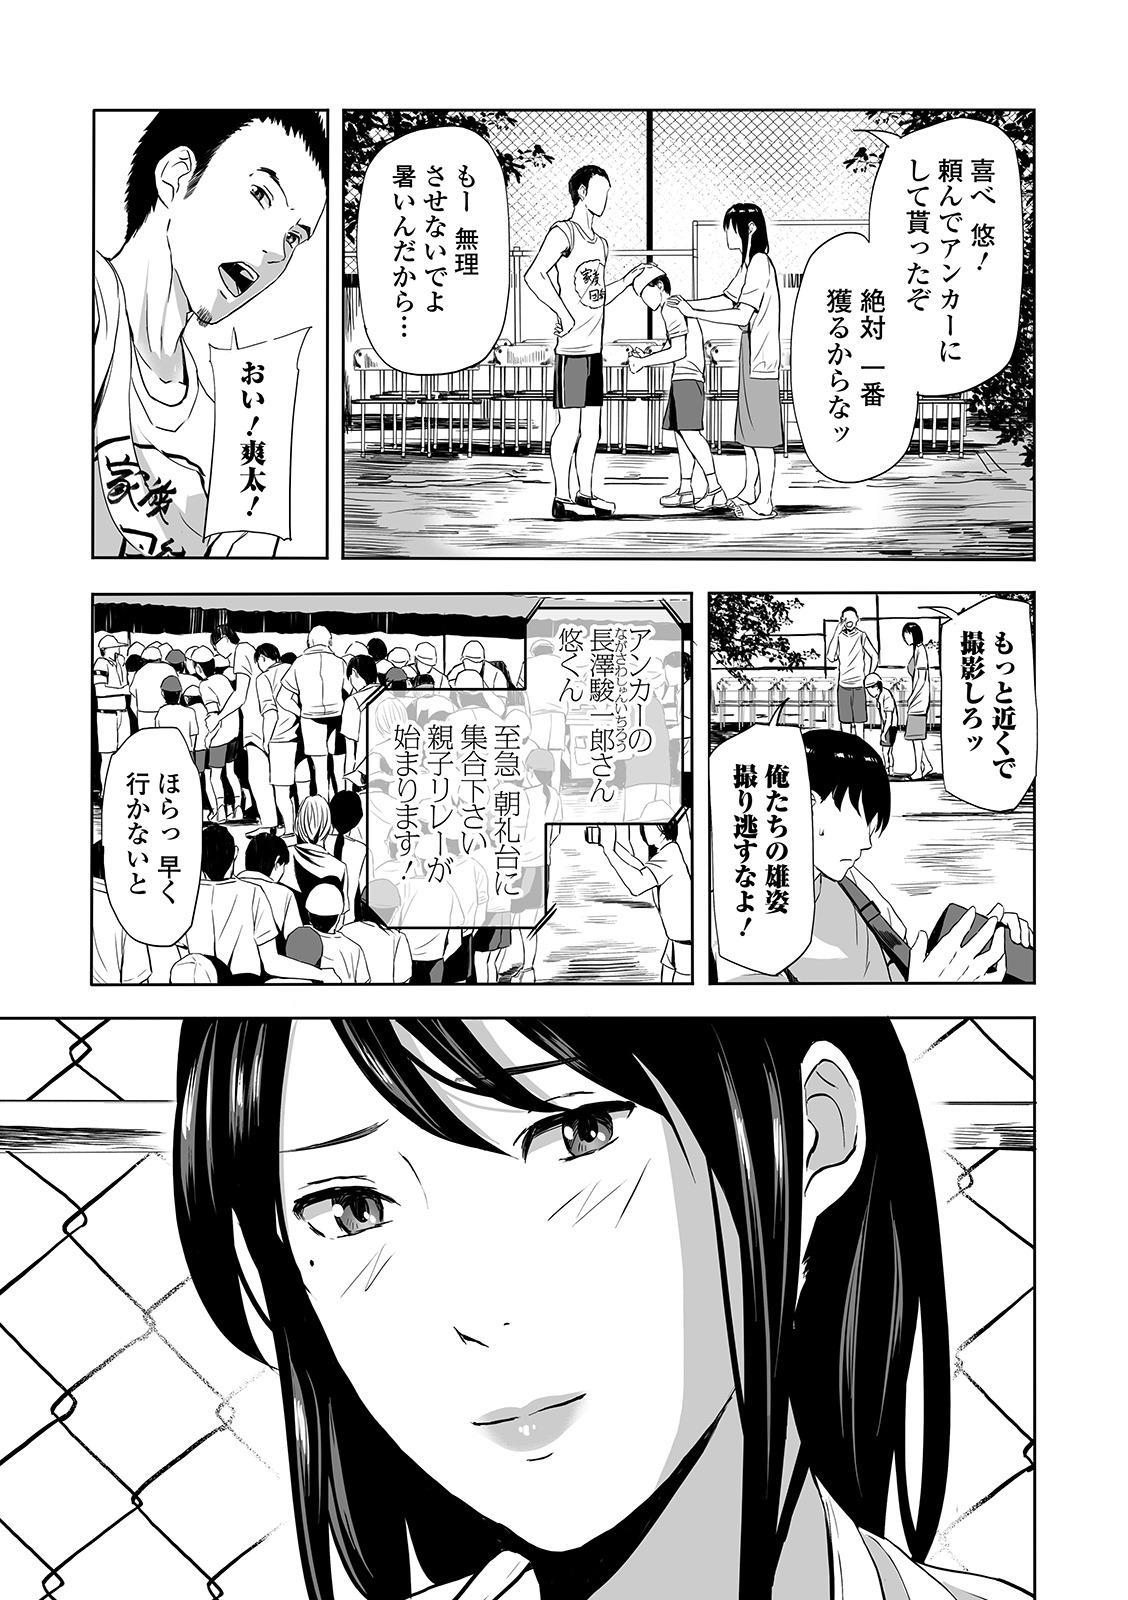 Web Comic Toutetsu Vol. 45 34